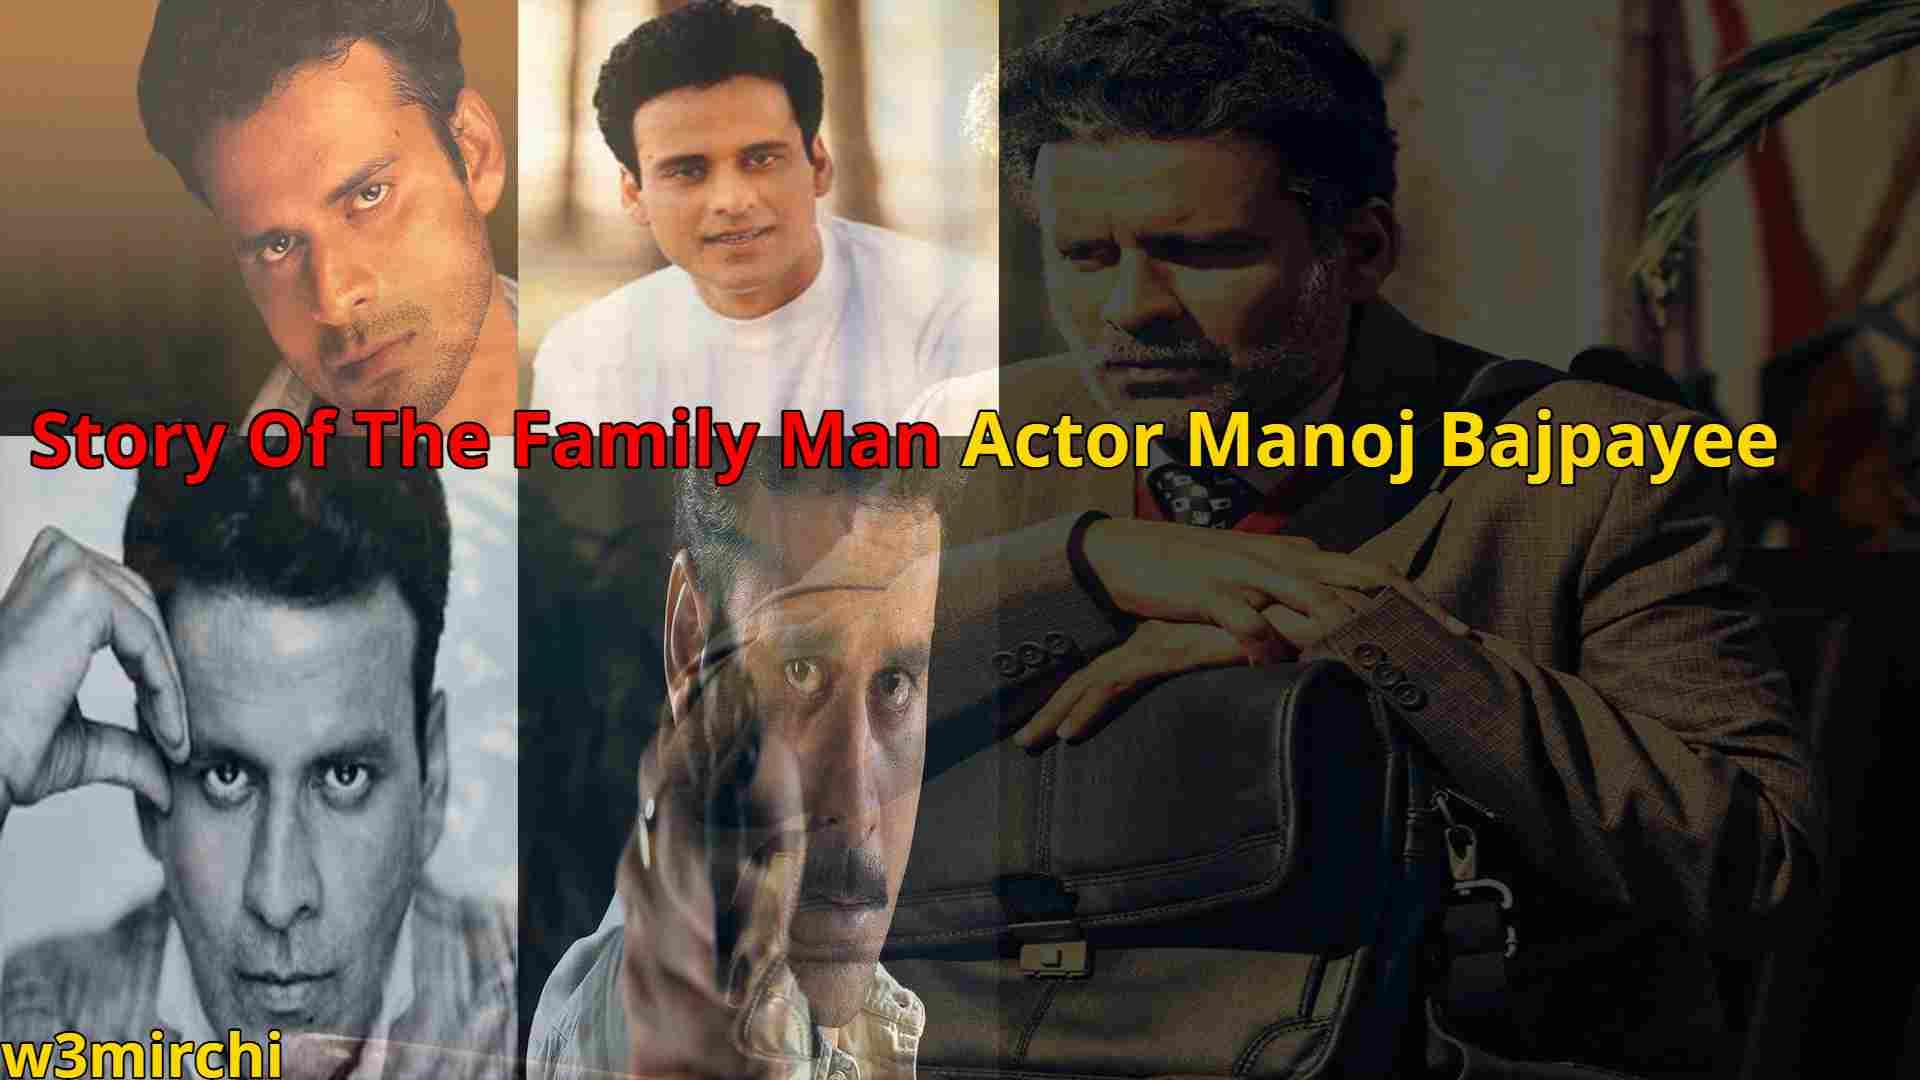 Story Of The Family Man Actor Manoj BajpayeeThe Family Man